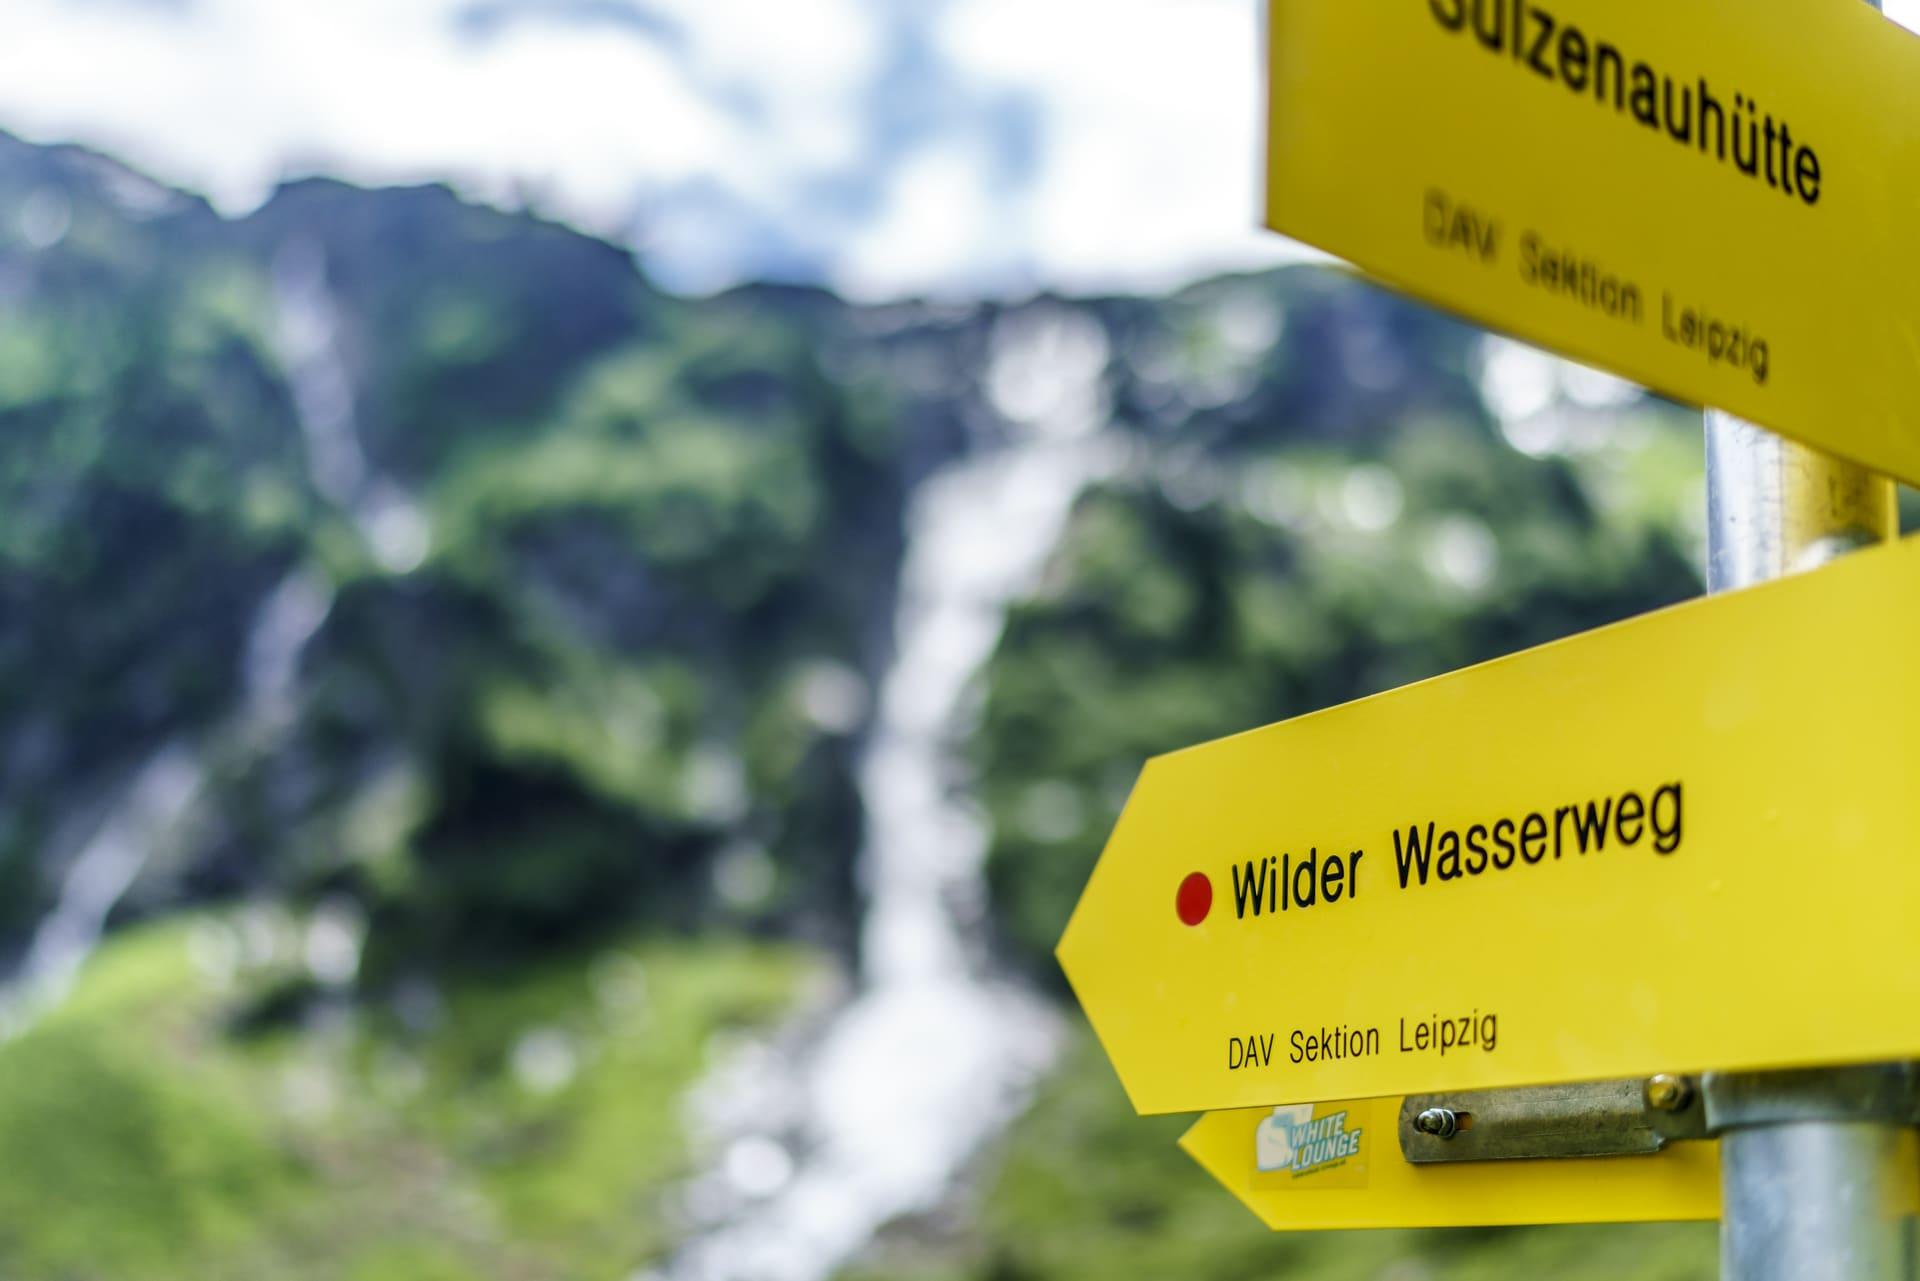 WildeWasserWeg-Signalisation